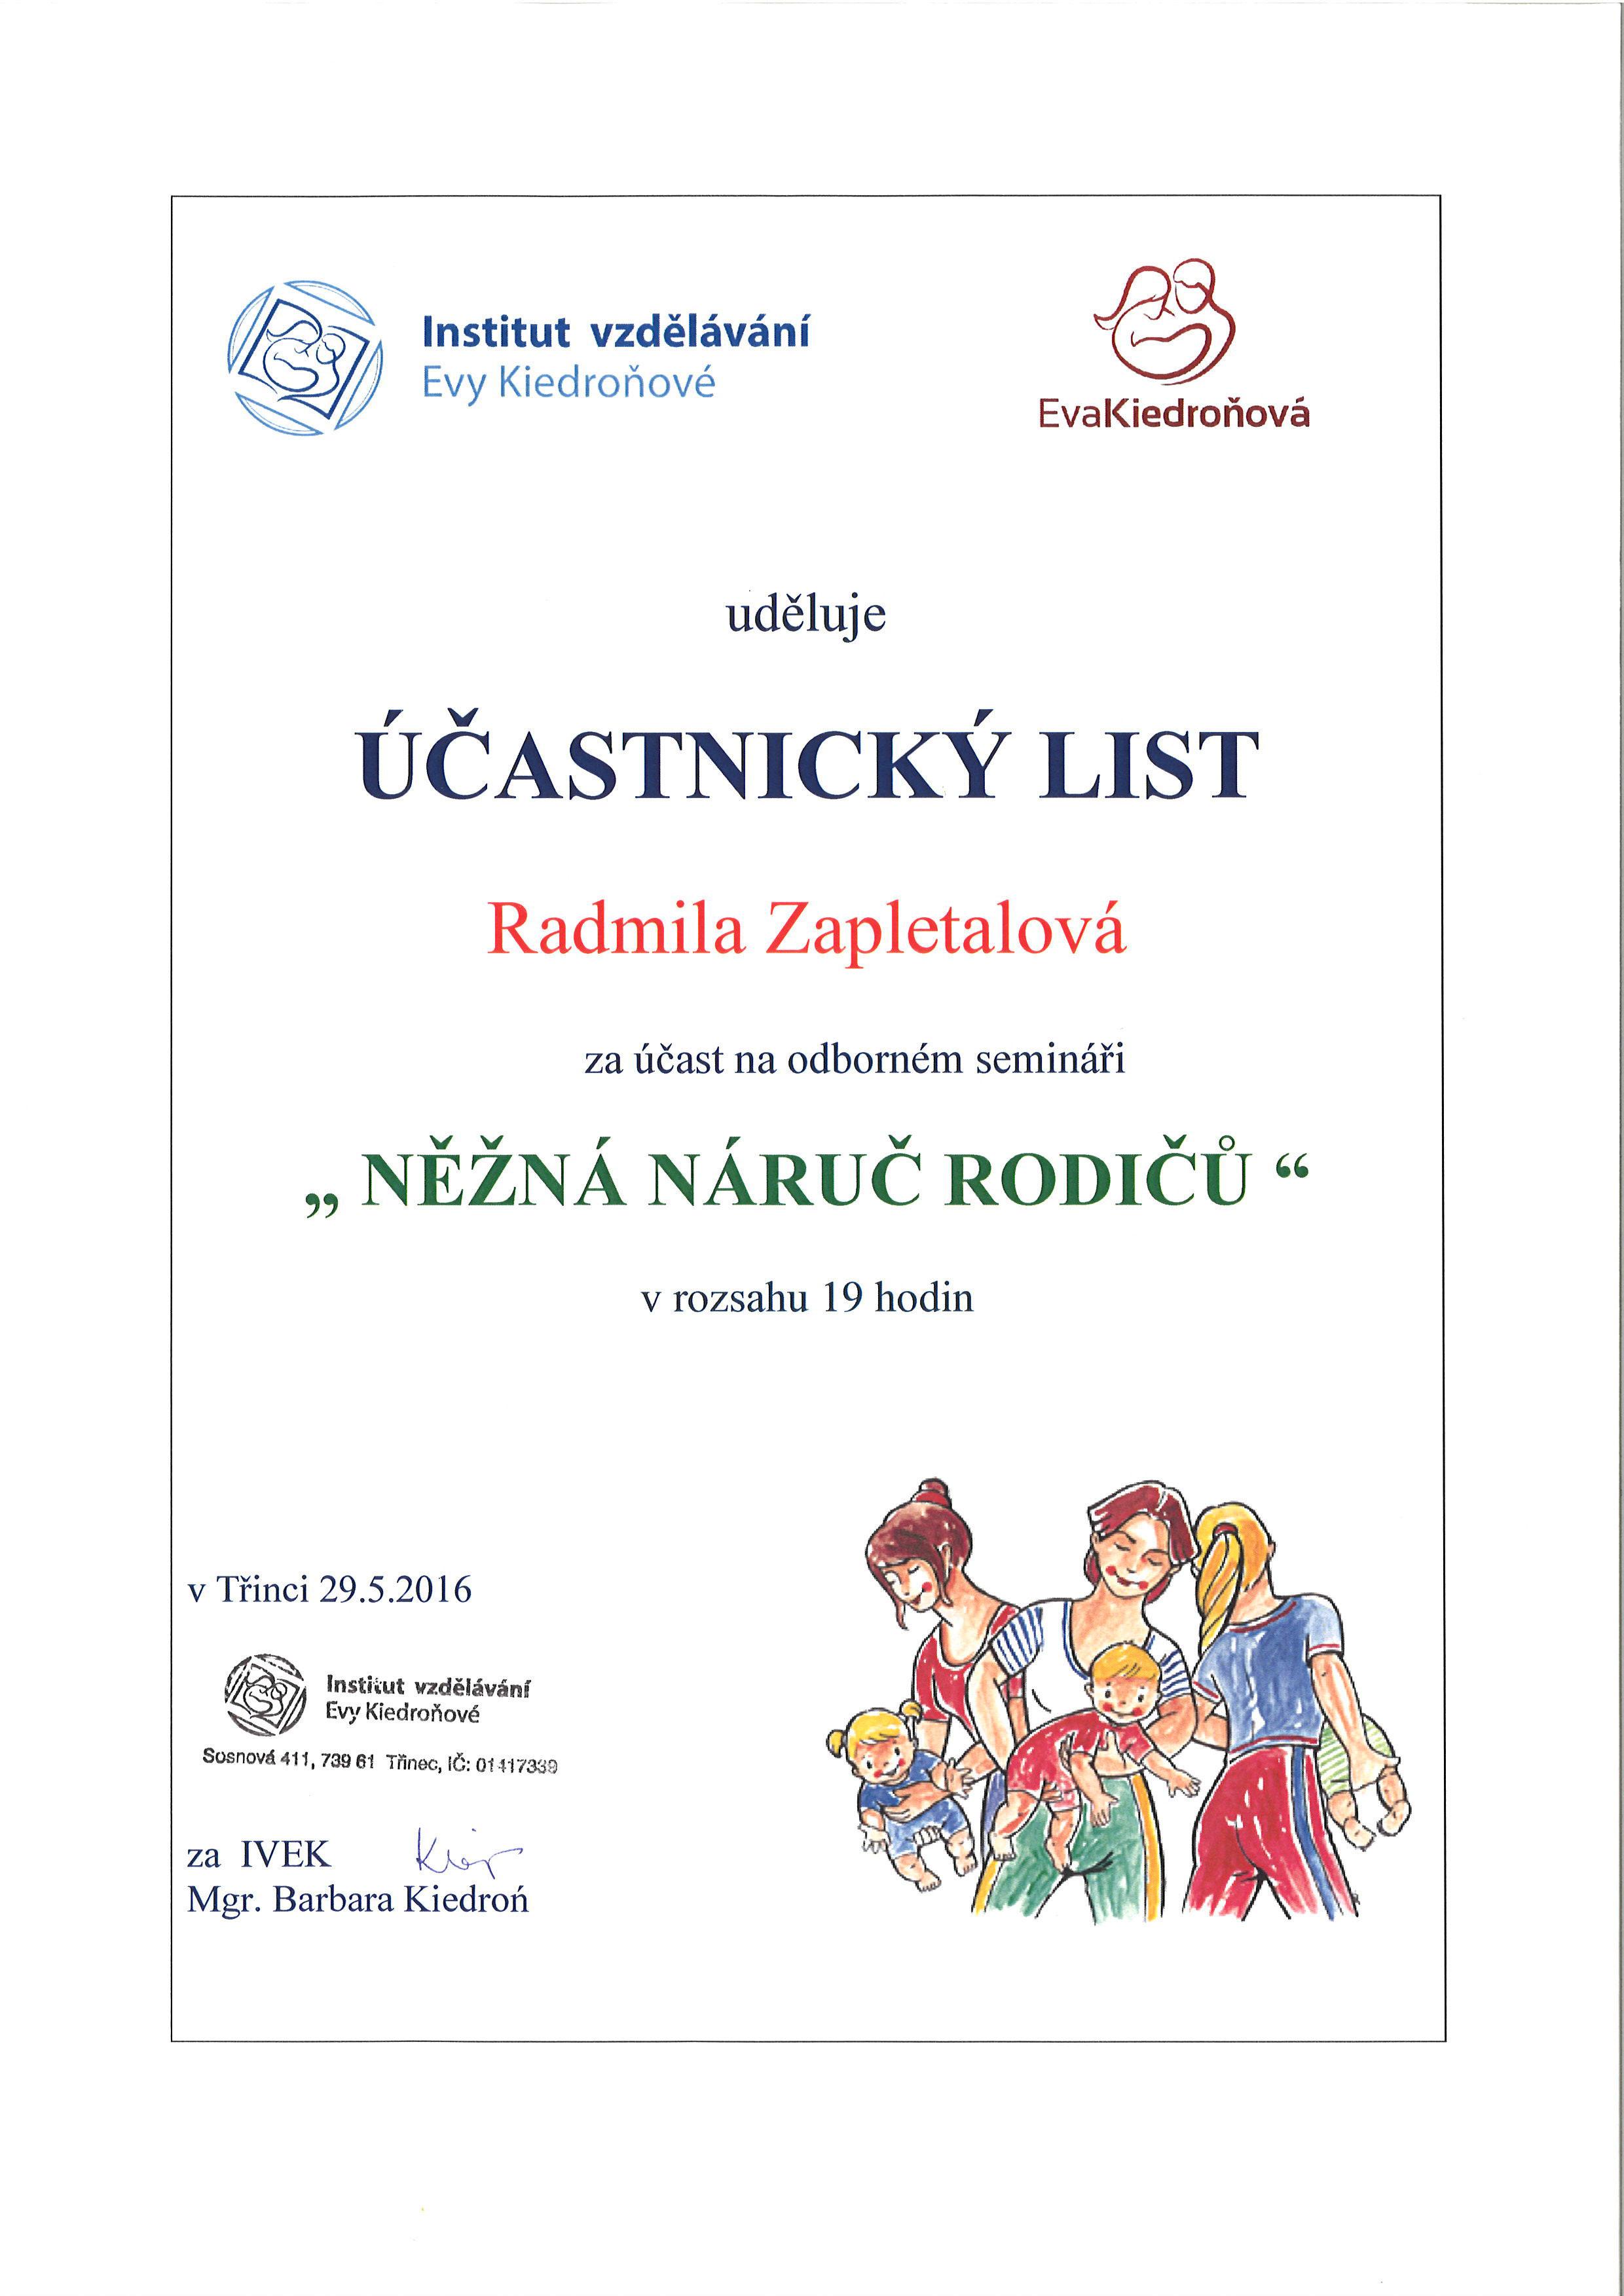 certifikaty-radmila-zapletalova-kranerova-08